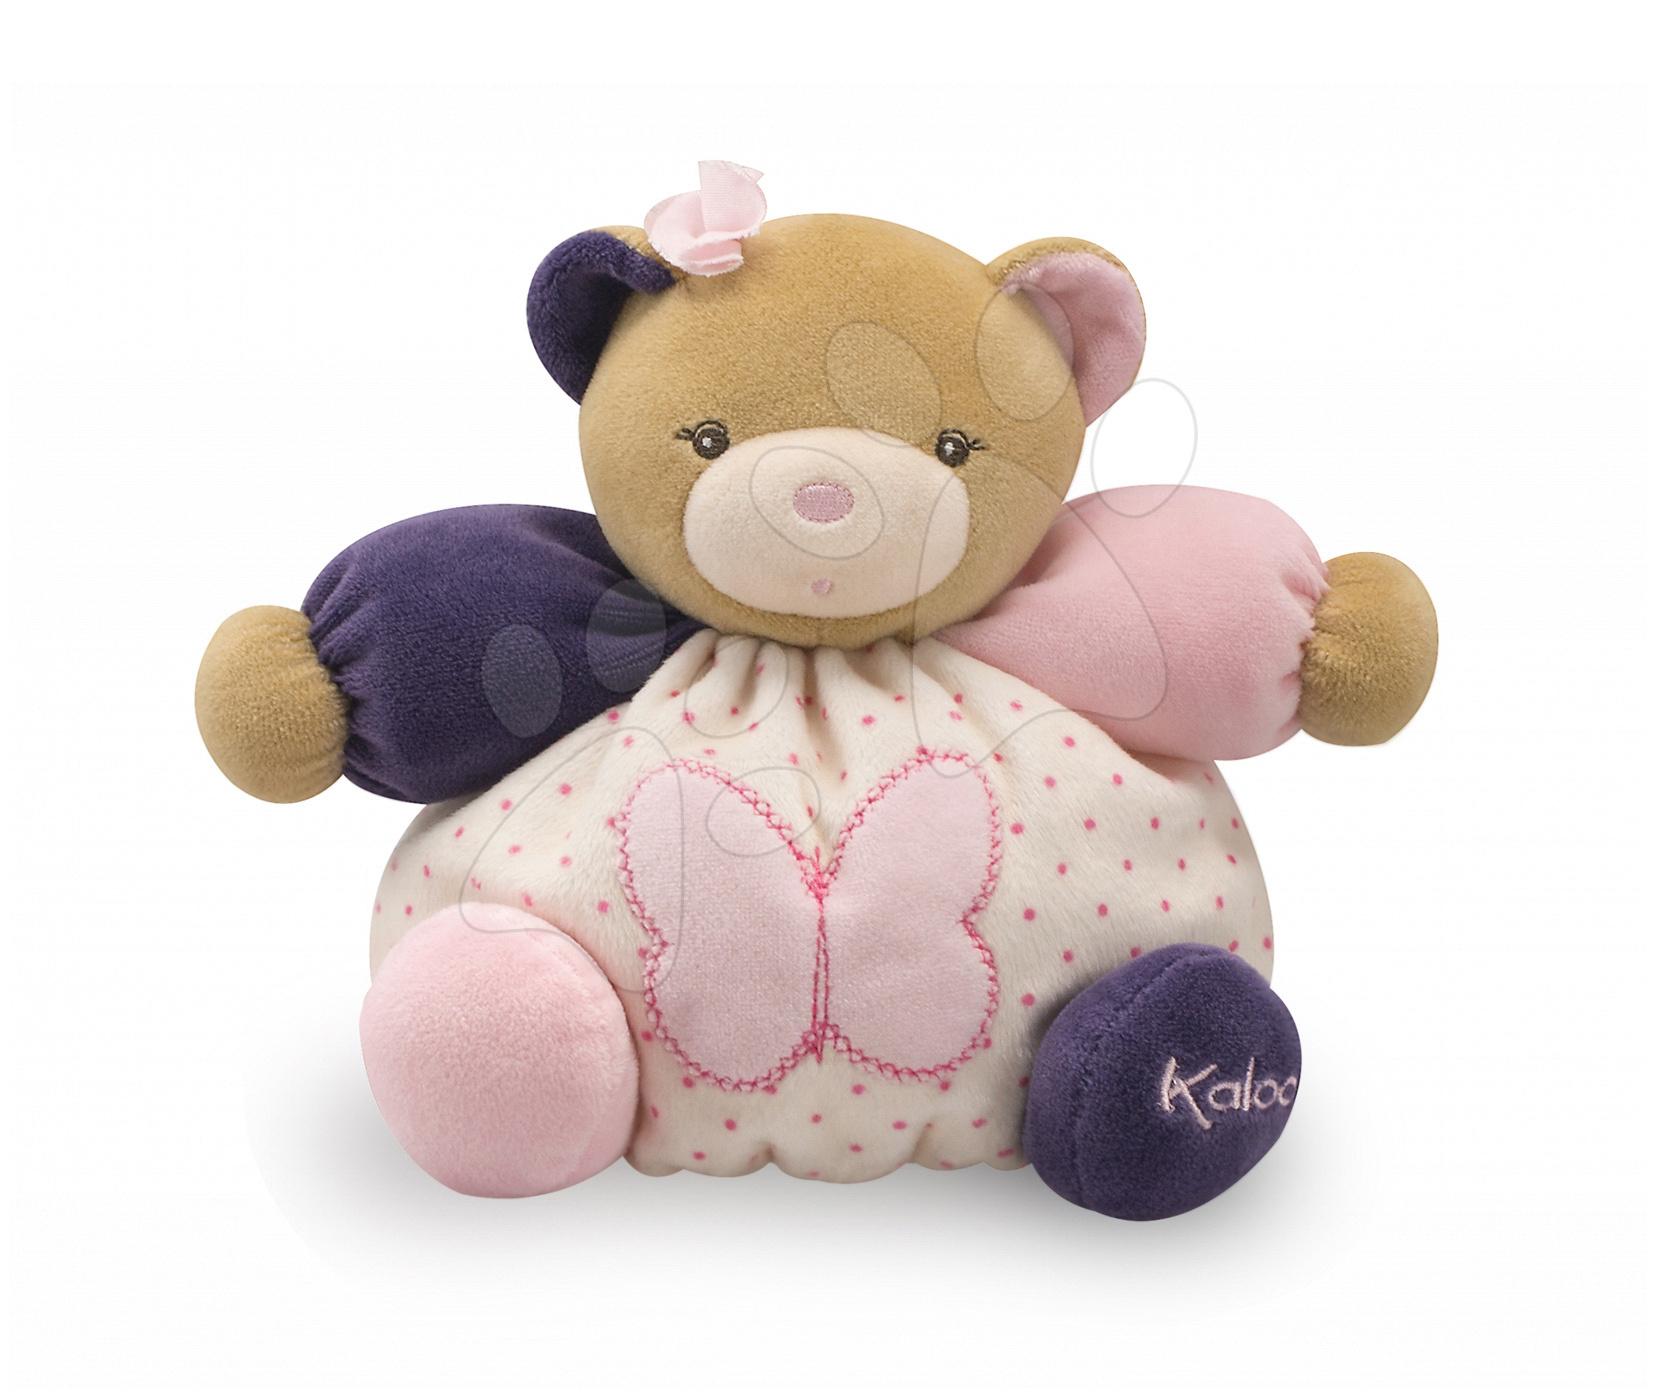 Plyšové medvede - Plyšový medvedík Petite Rose-Chubby Bear Butterfly Kaloo 18 cm v darčekovom balení pre najmenších ružový